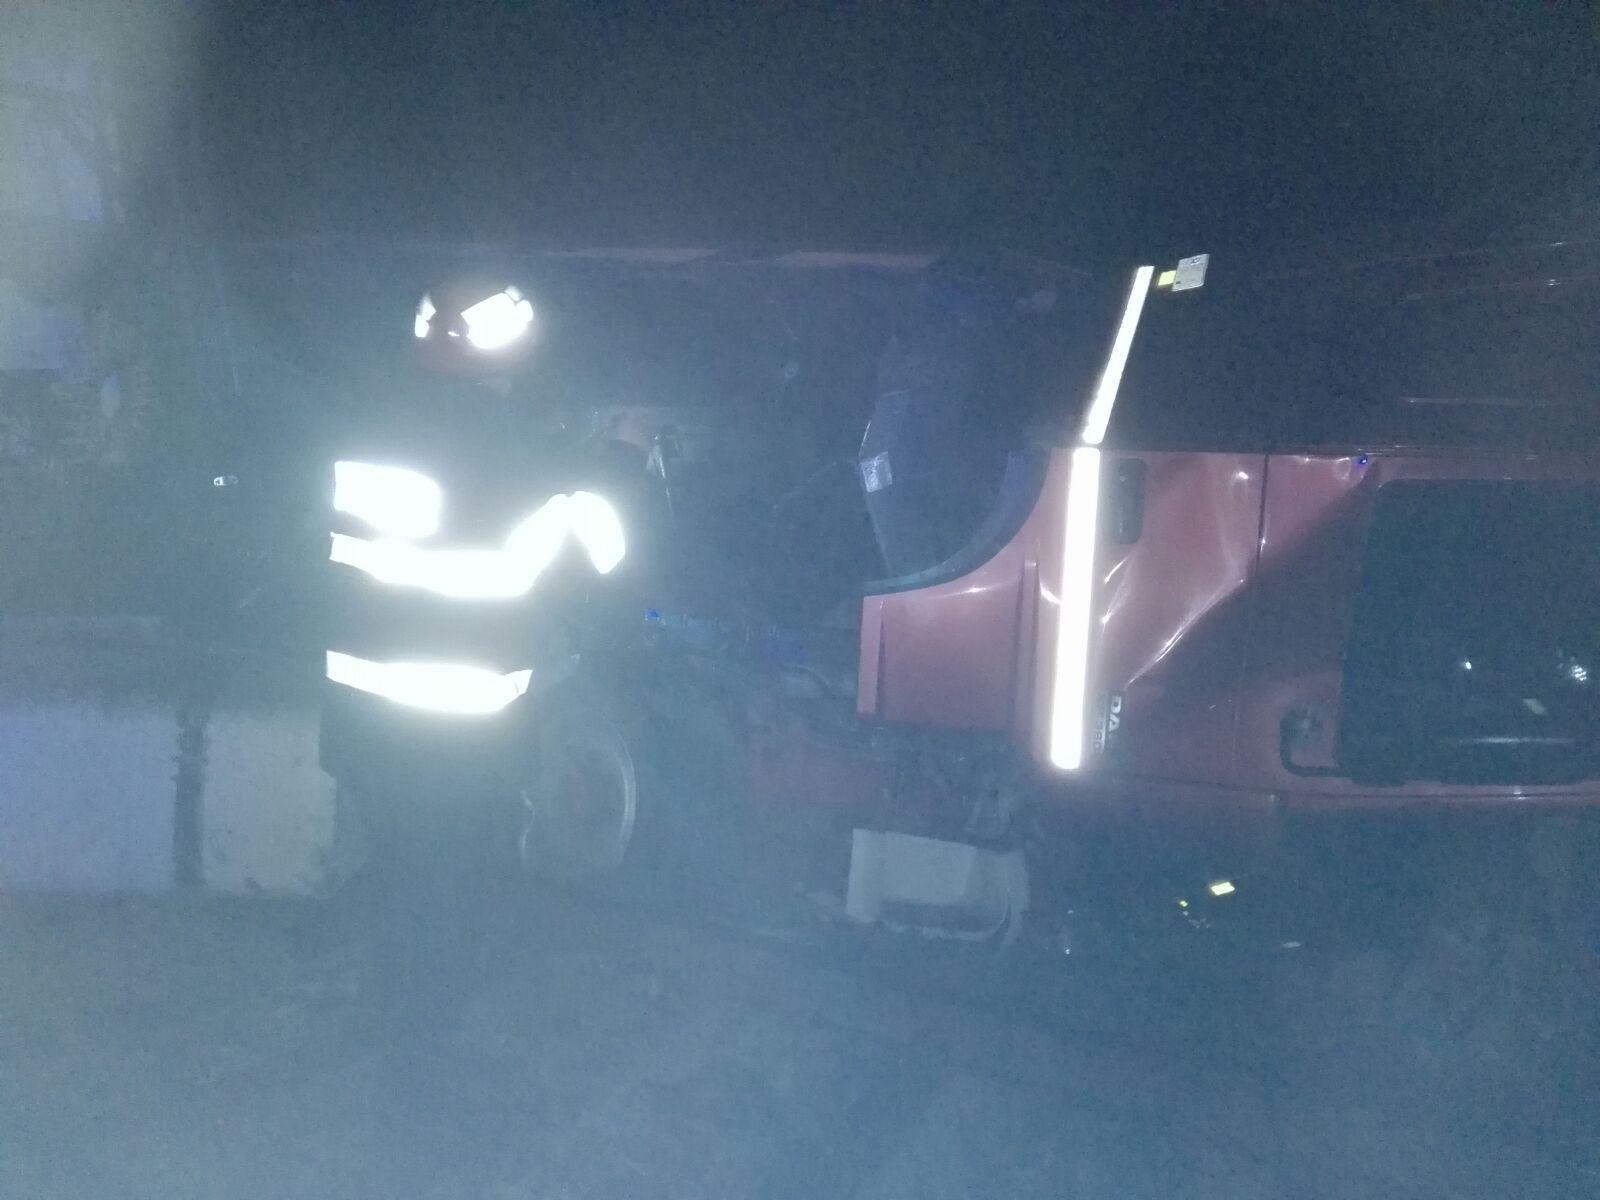 FOTO | Şase persoane au fost rănite după ce un TIR a ajuns pe calea ferată şi a lovit un vagon de tren. Traficul feroviar este oprit la Secţia de Calea Ferată 201, în Vâlcea